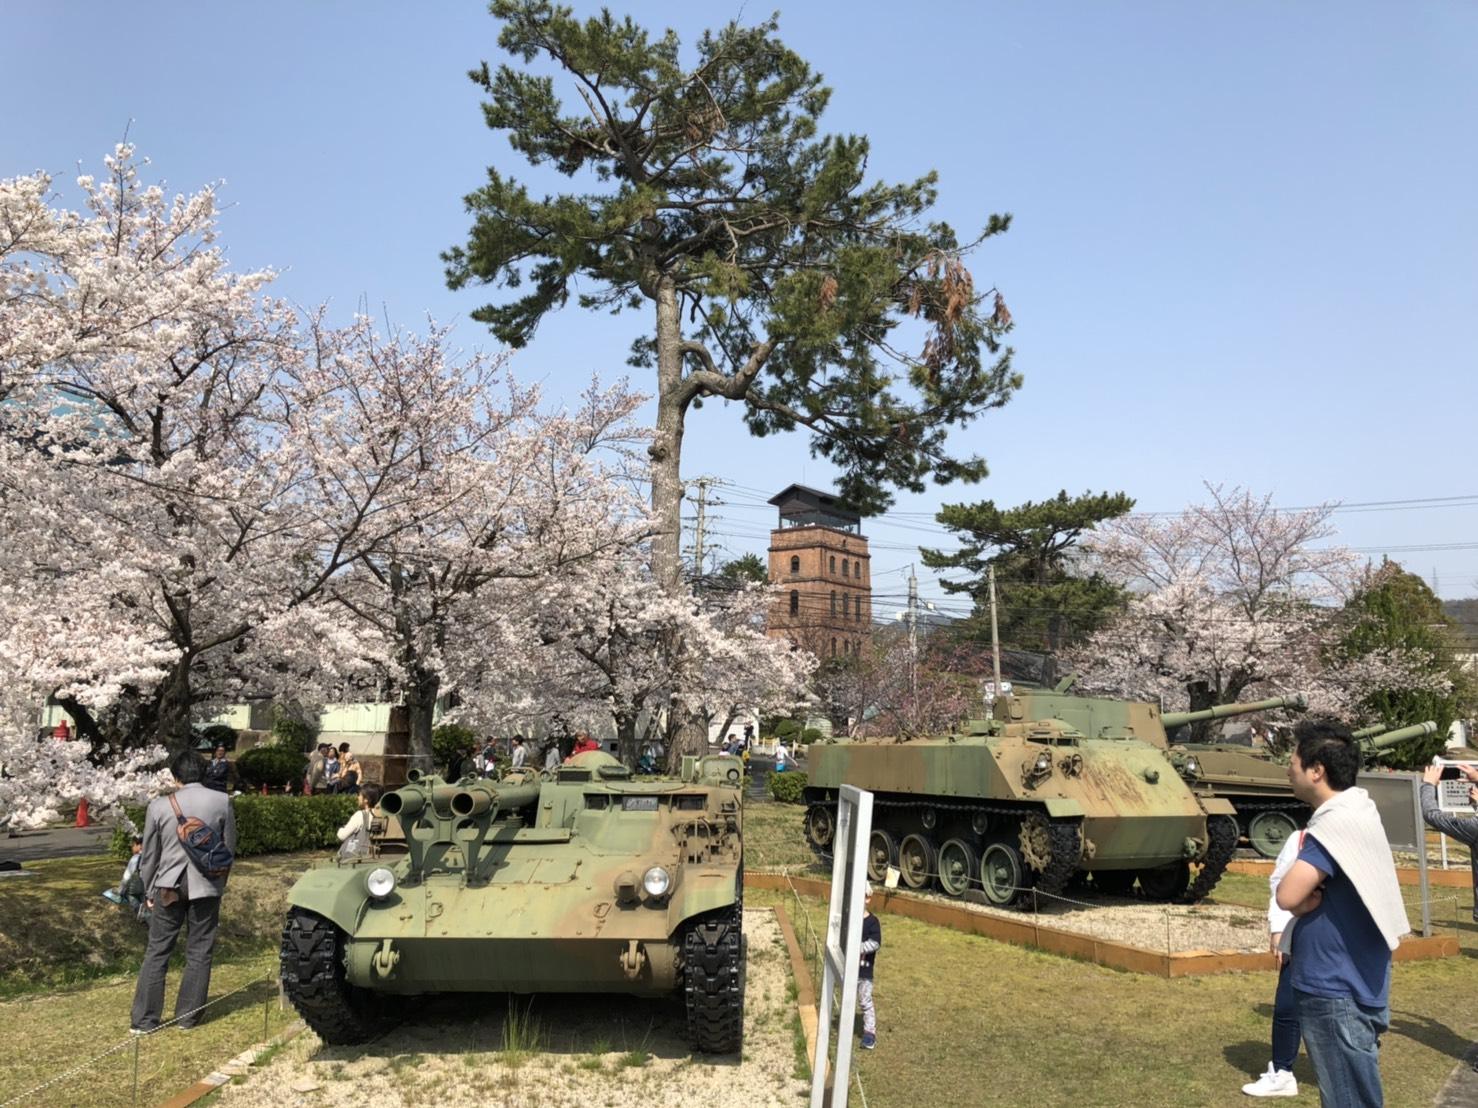 宇治駐屯地桜祭り(宇治市)